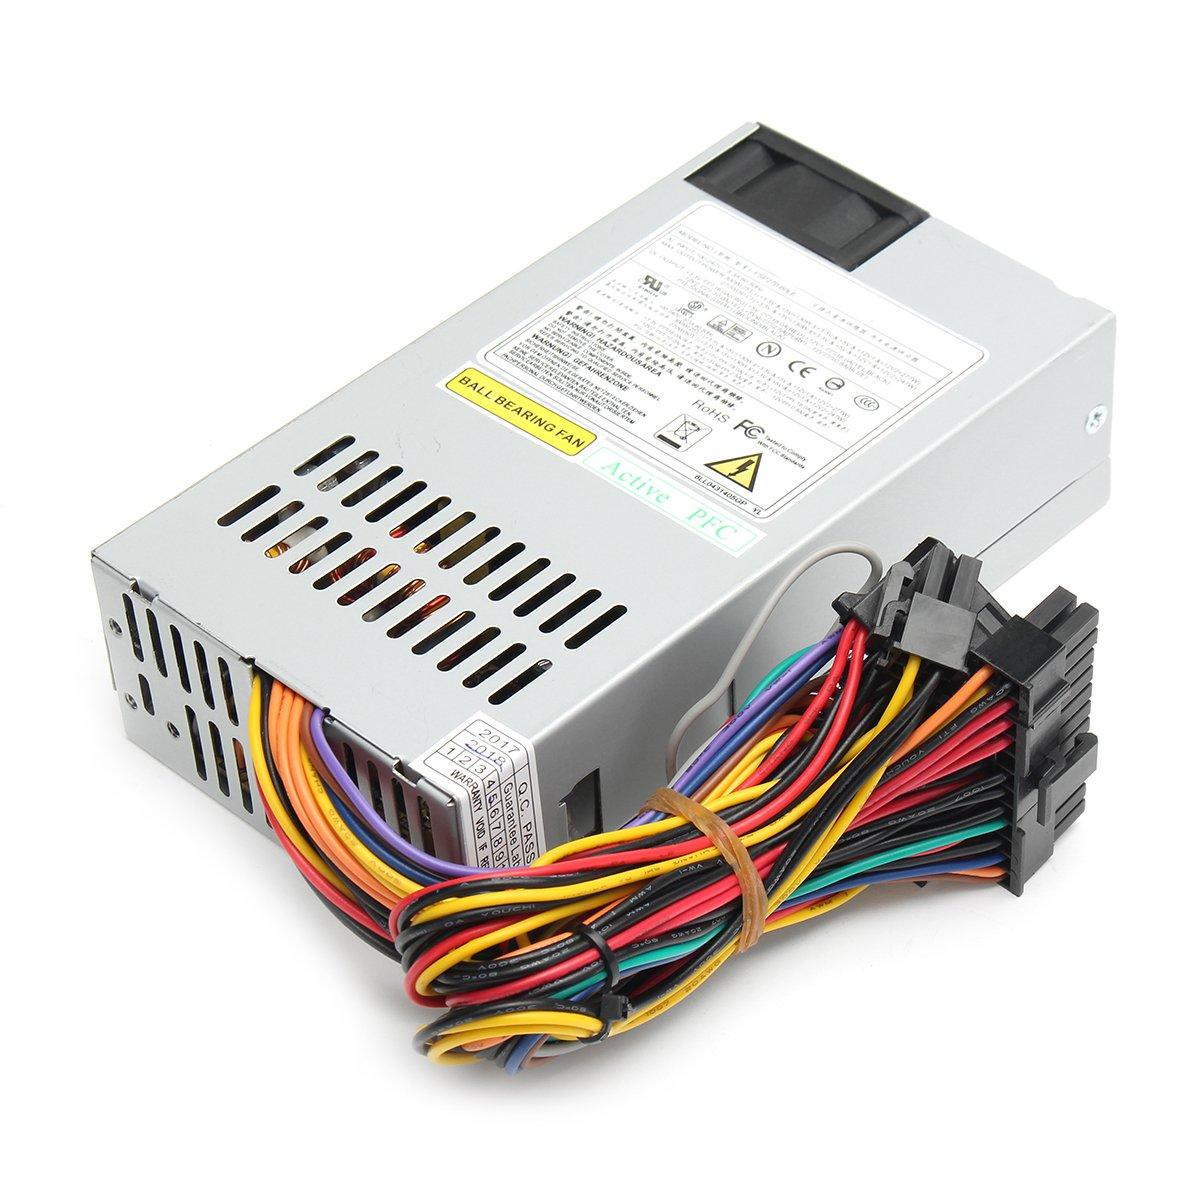 D'origine FSP270 270 W Mini ITX boîtier de L'ordinateur flex pour HTPC Petit 1U NAS alimentation 100-240 V AC